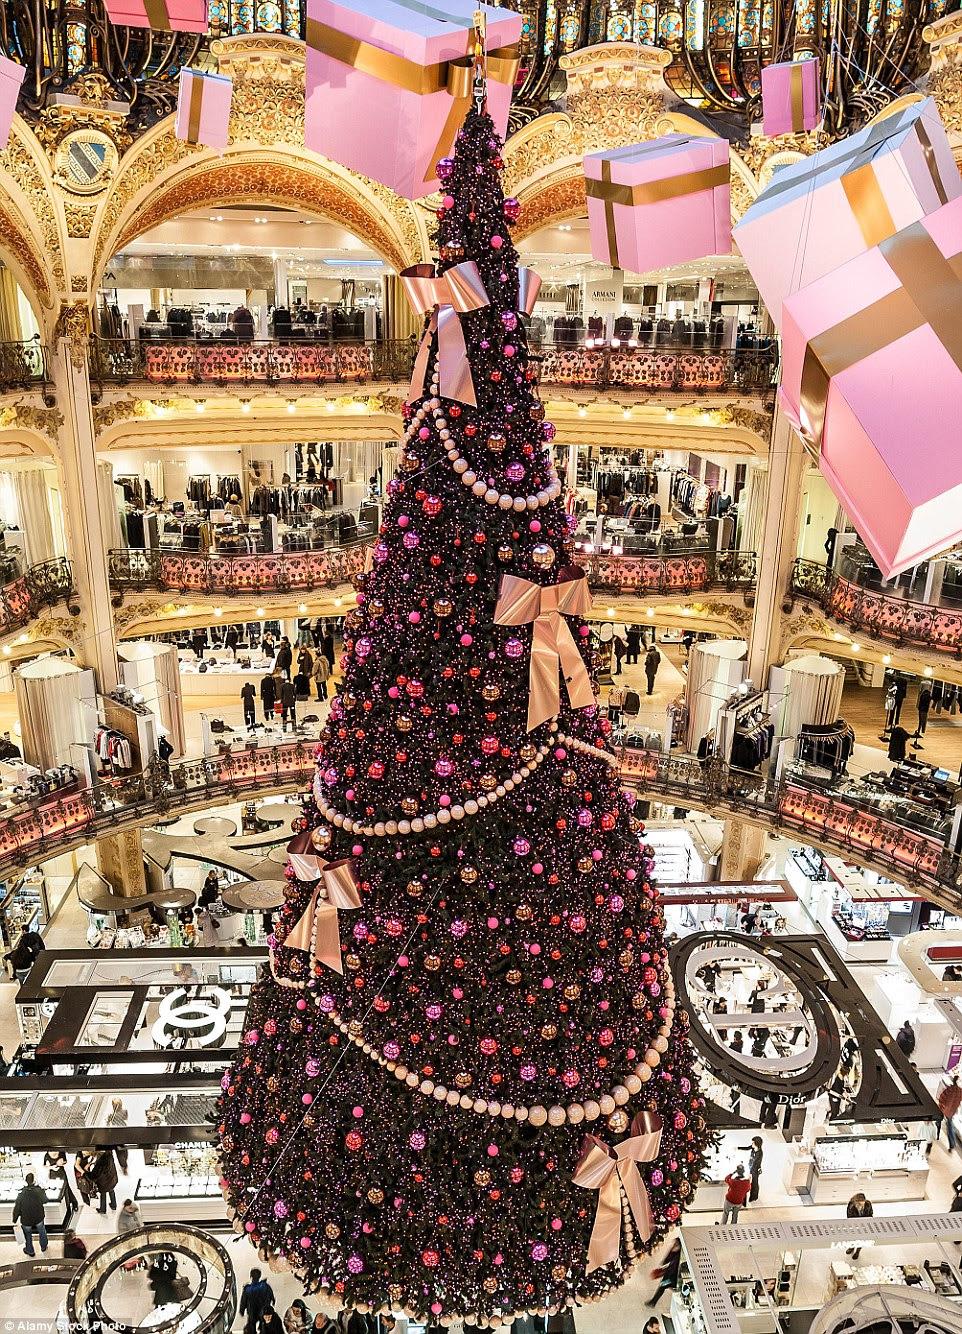 A Galeries Lafayette em Paris orgulha-se em sua árvore de Natal extraordinário que pende do centro do edifício em França